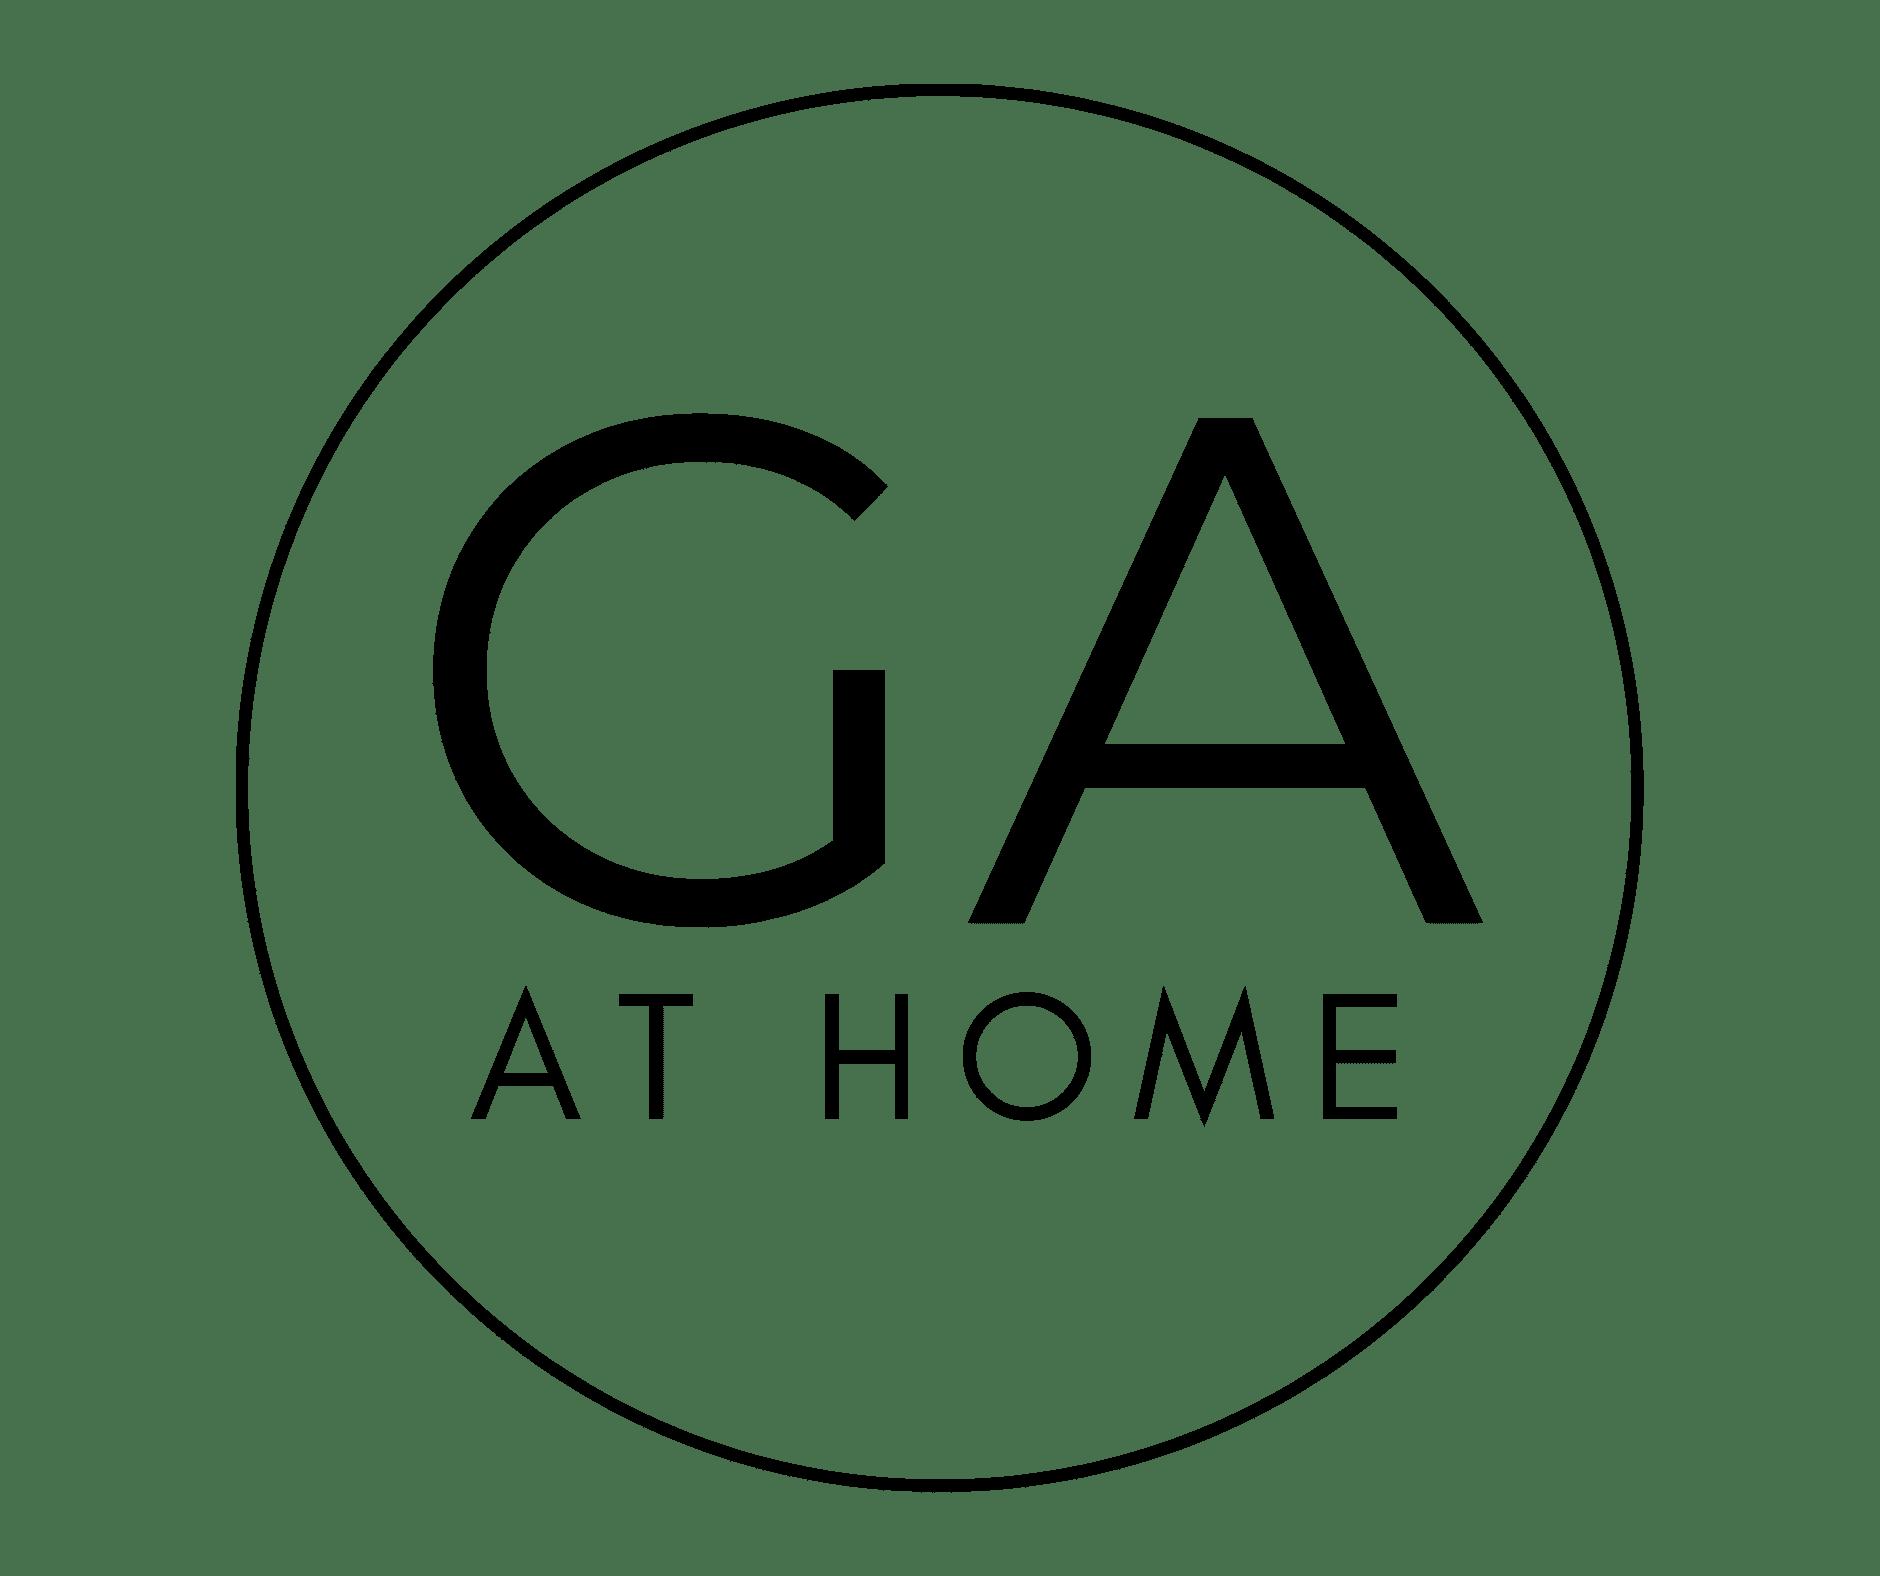 GA at home logo